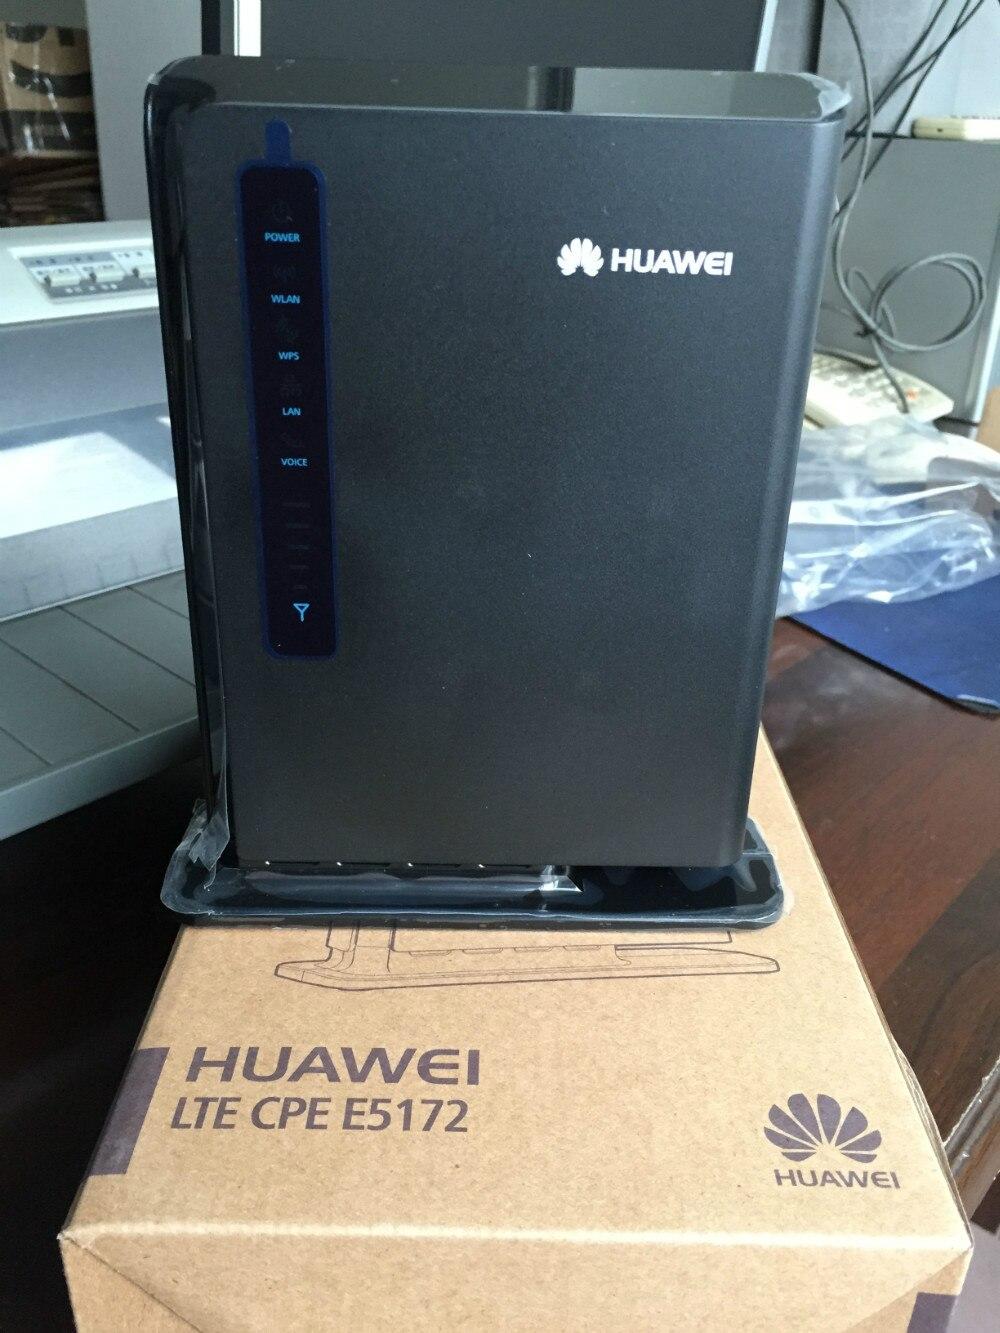 Débloqué Huawei e5172 E5172s-22 4g lte hotspot Mobile 4g lte wifi routeur dongle mifi routeur cpe voiture routeur pk b593